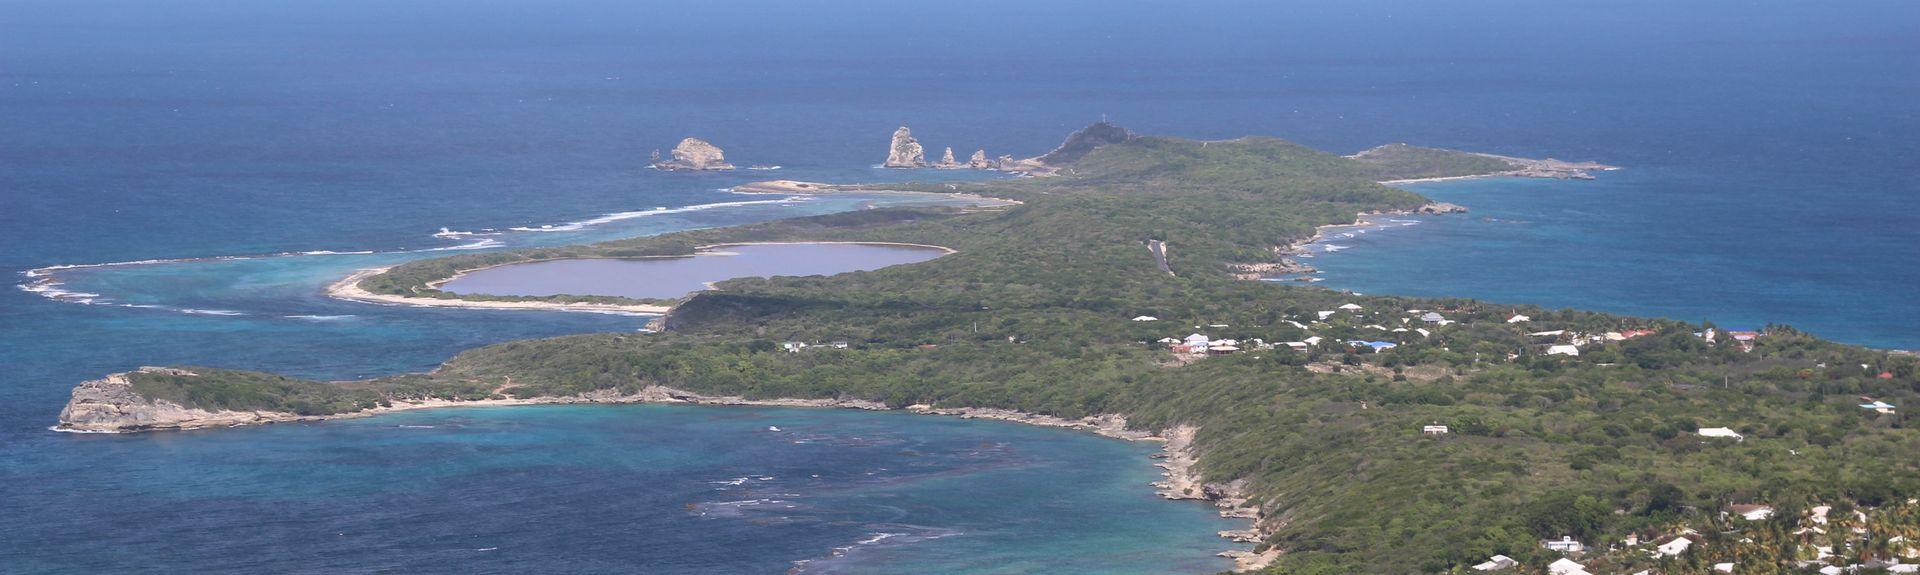 Golf International de Saint Francois, Saint-François, Grande-Terre, Guadeloupe